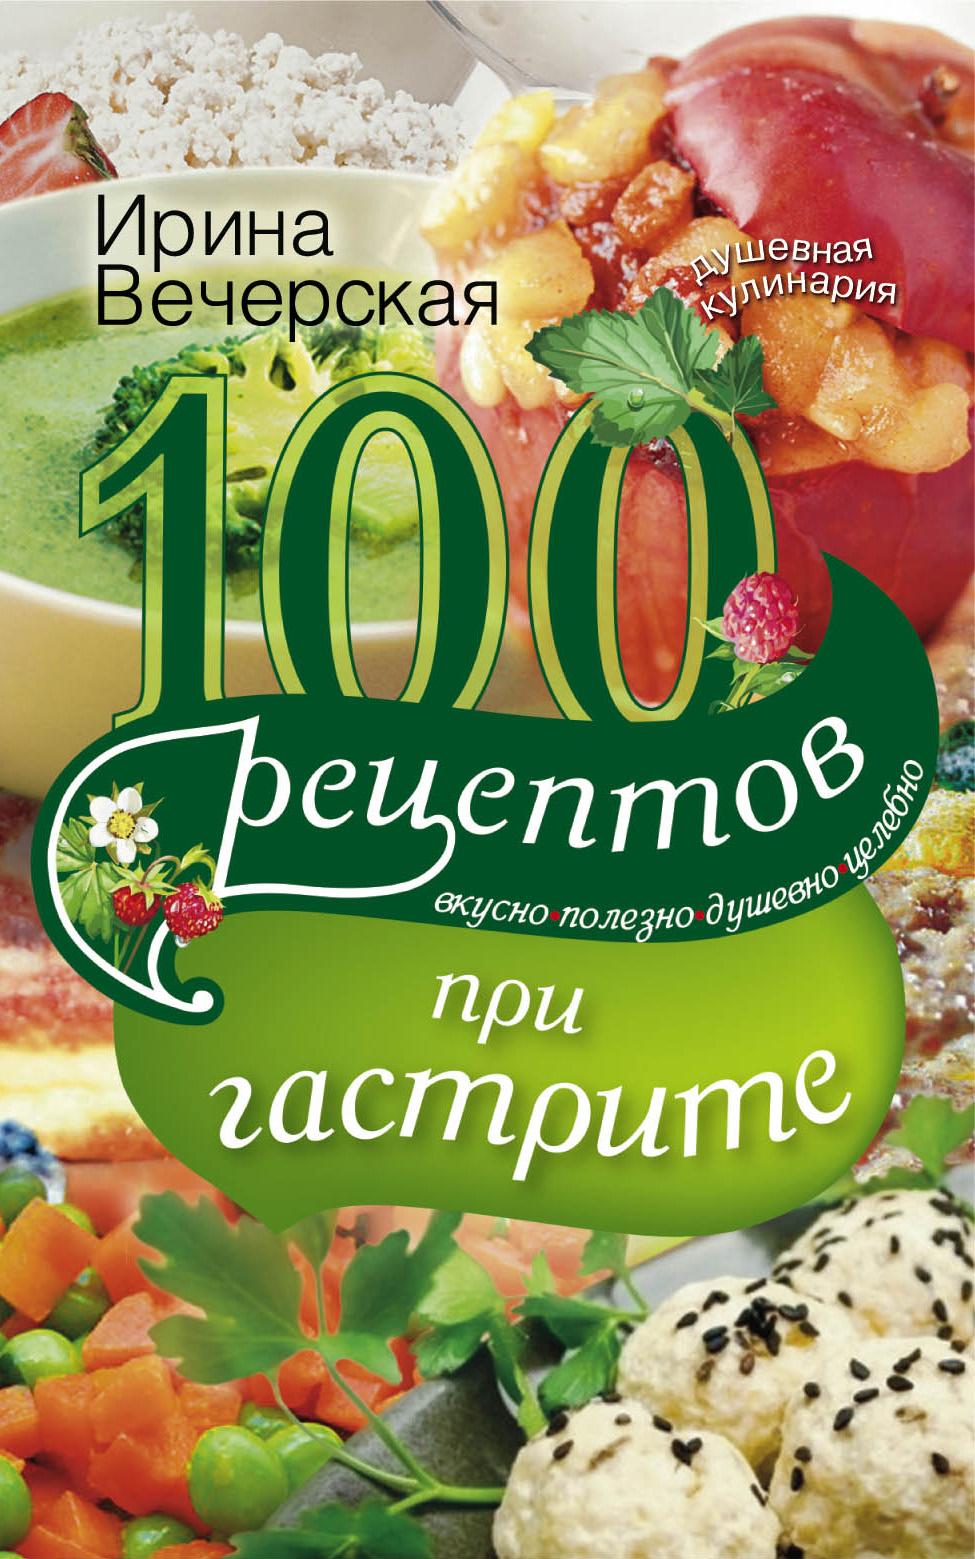 Ирина Вечерская 100 рецептов при гастрите. Вкусно, полезно, душевно, целебно